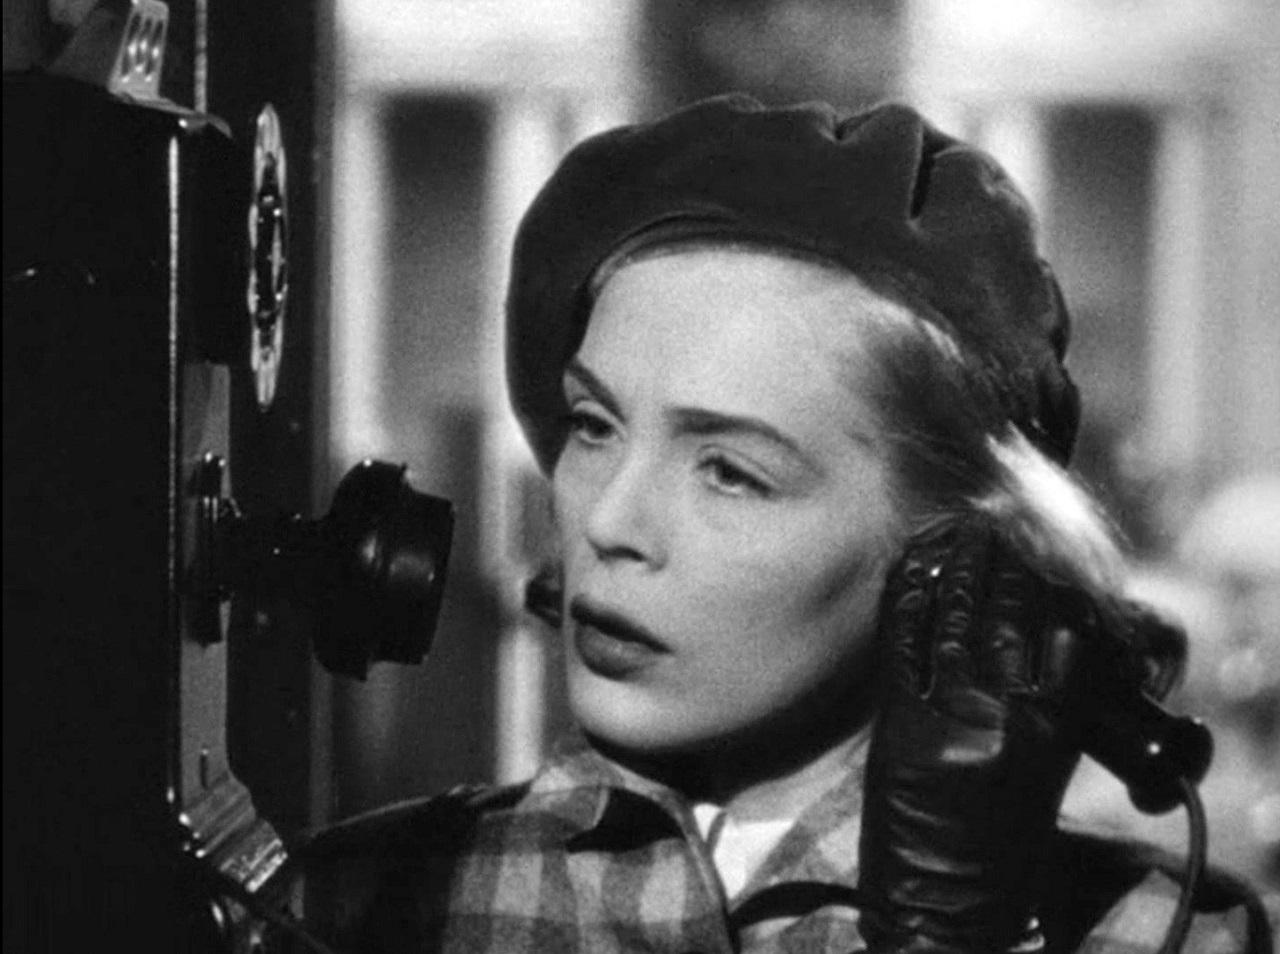 Die Schauspielerin Lizabeth Scott telefoniert in einem alten Film.